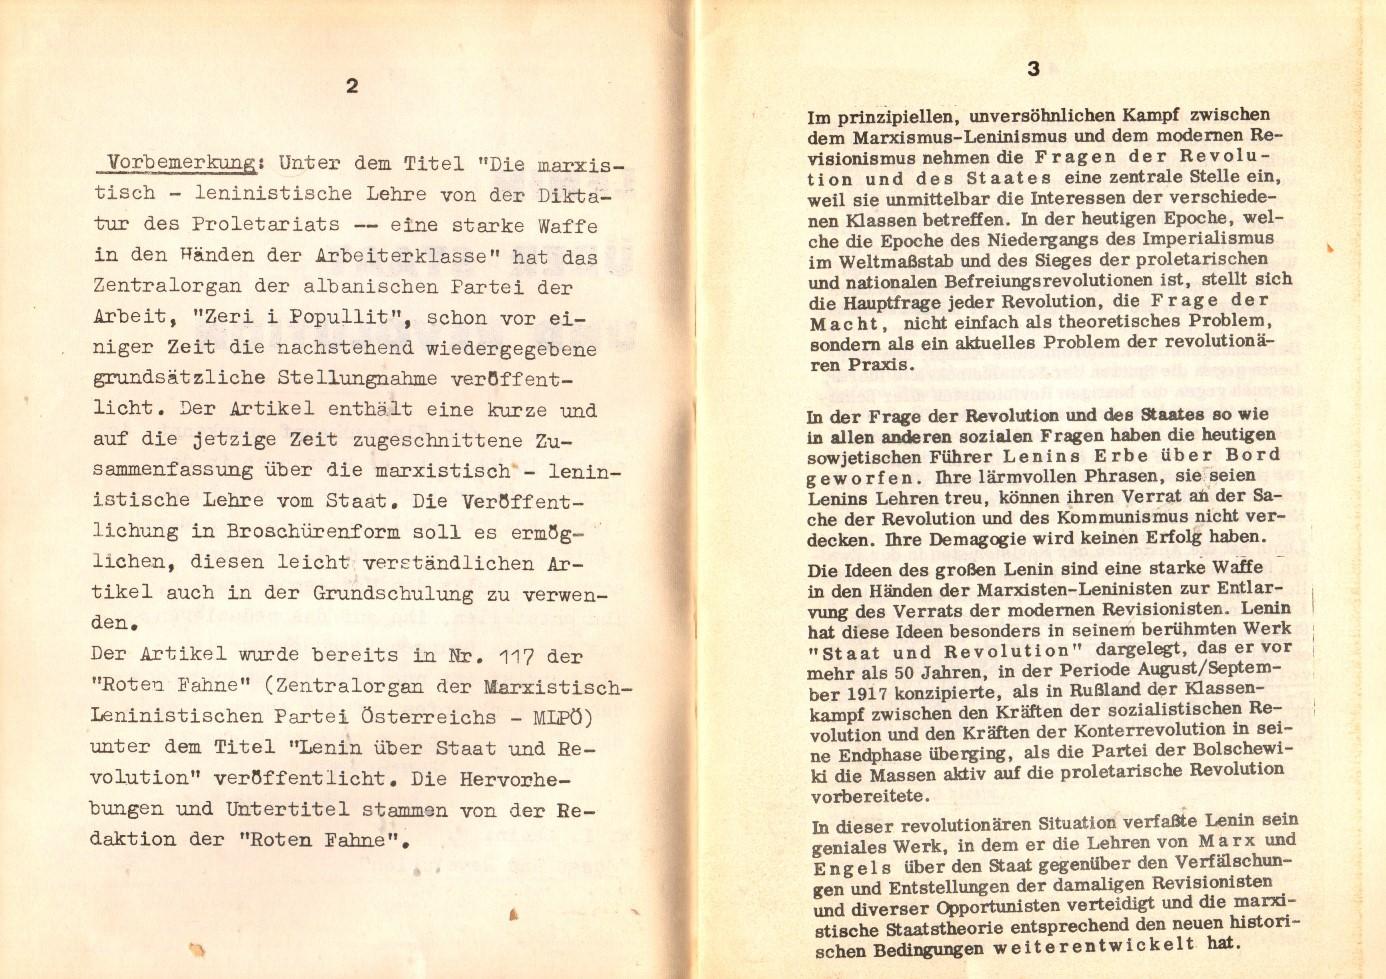 KPDML_1970_Lehre_ueber_Staat_und_Revolution_03